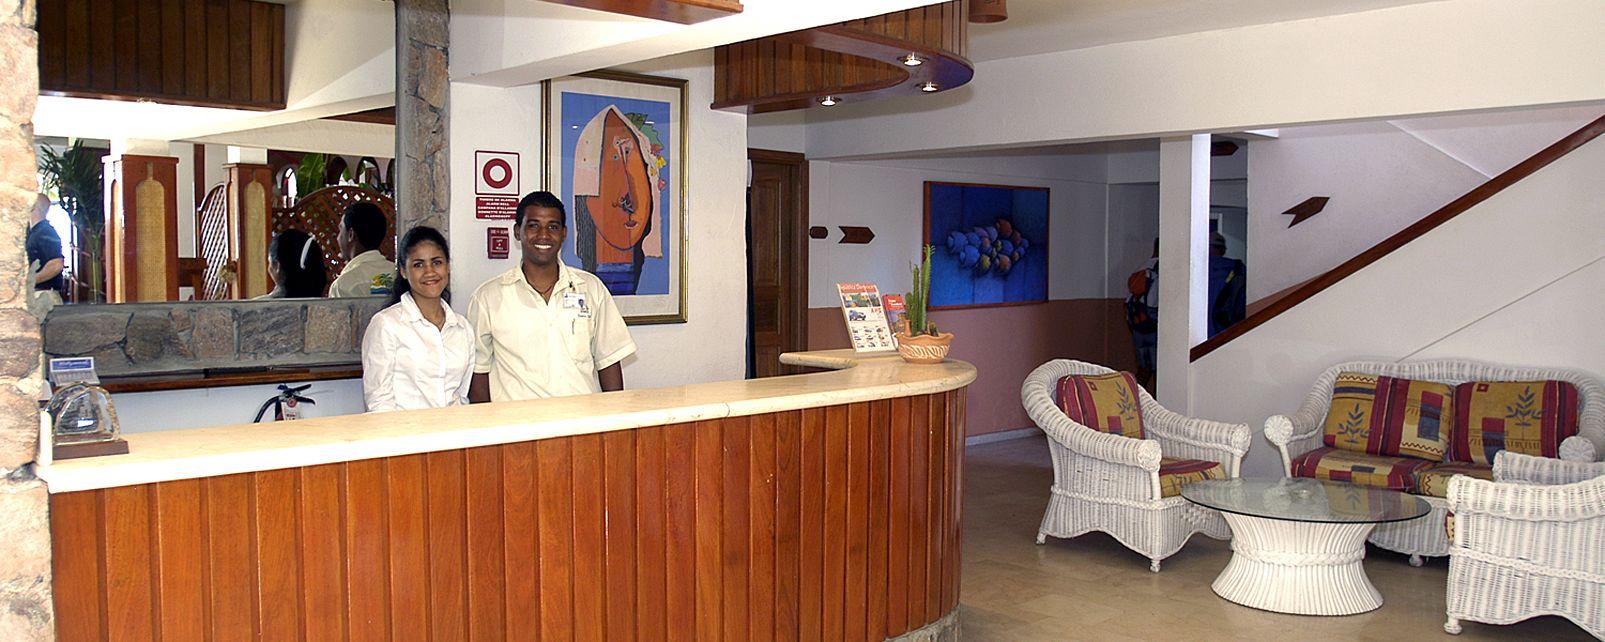 Hôtel Tropical Beach Club